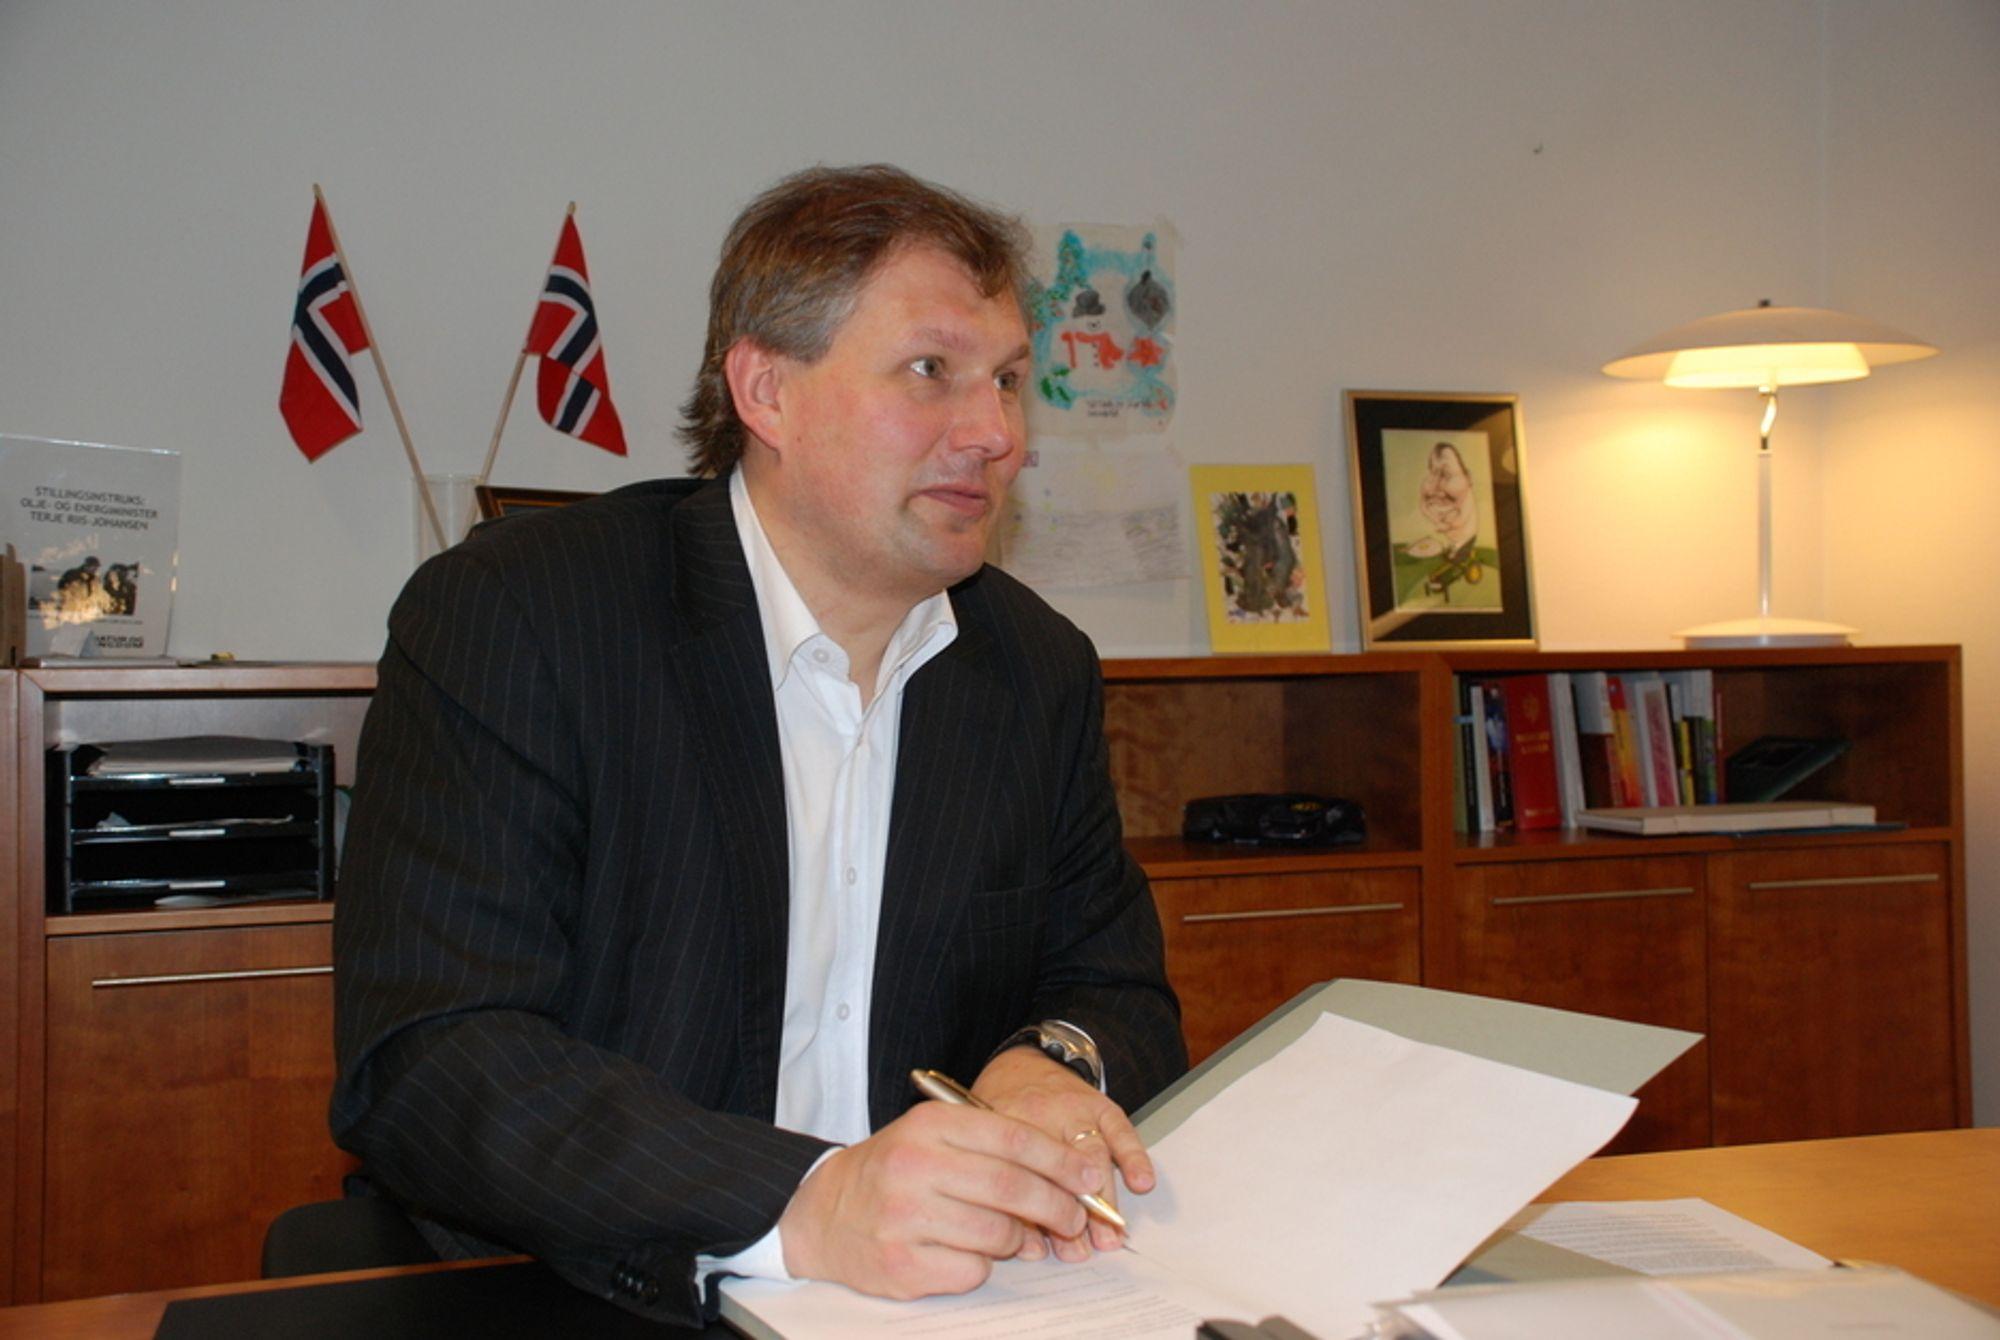 HAR FÅTT BREV: LO, NHO, Skognæringen og Bondelaget i Midt-Norge krever at Riis-Johansen og resten av regjeringen gjør noe med kraftsituasjonen nå.